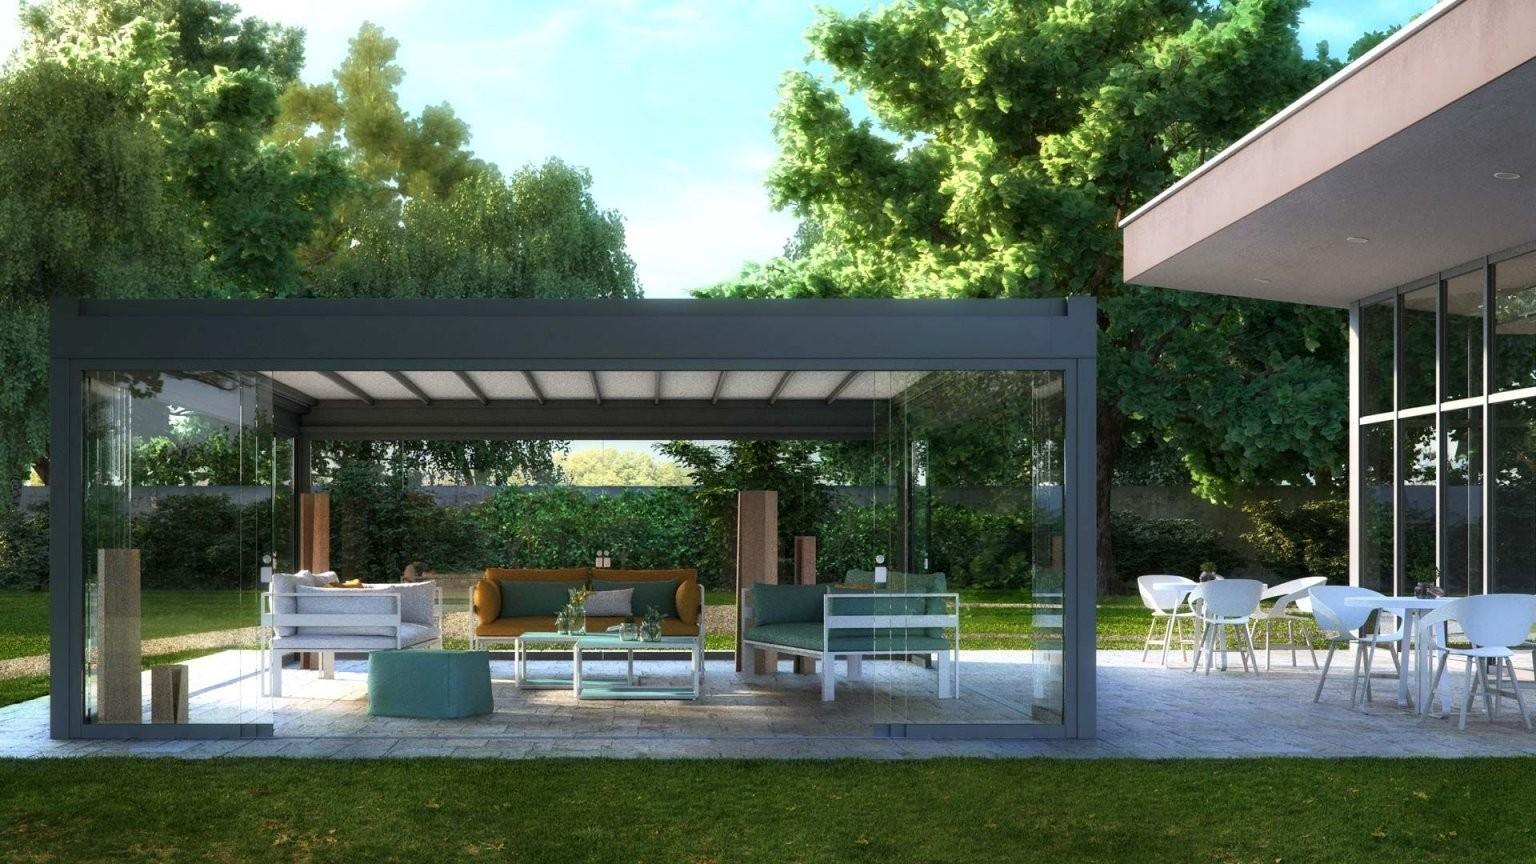 Freistehende Aluminium Pergola Mit Umlaufender Schiebtüren von Sonnenschutz Pavillon Mit Faltdach Bild